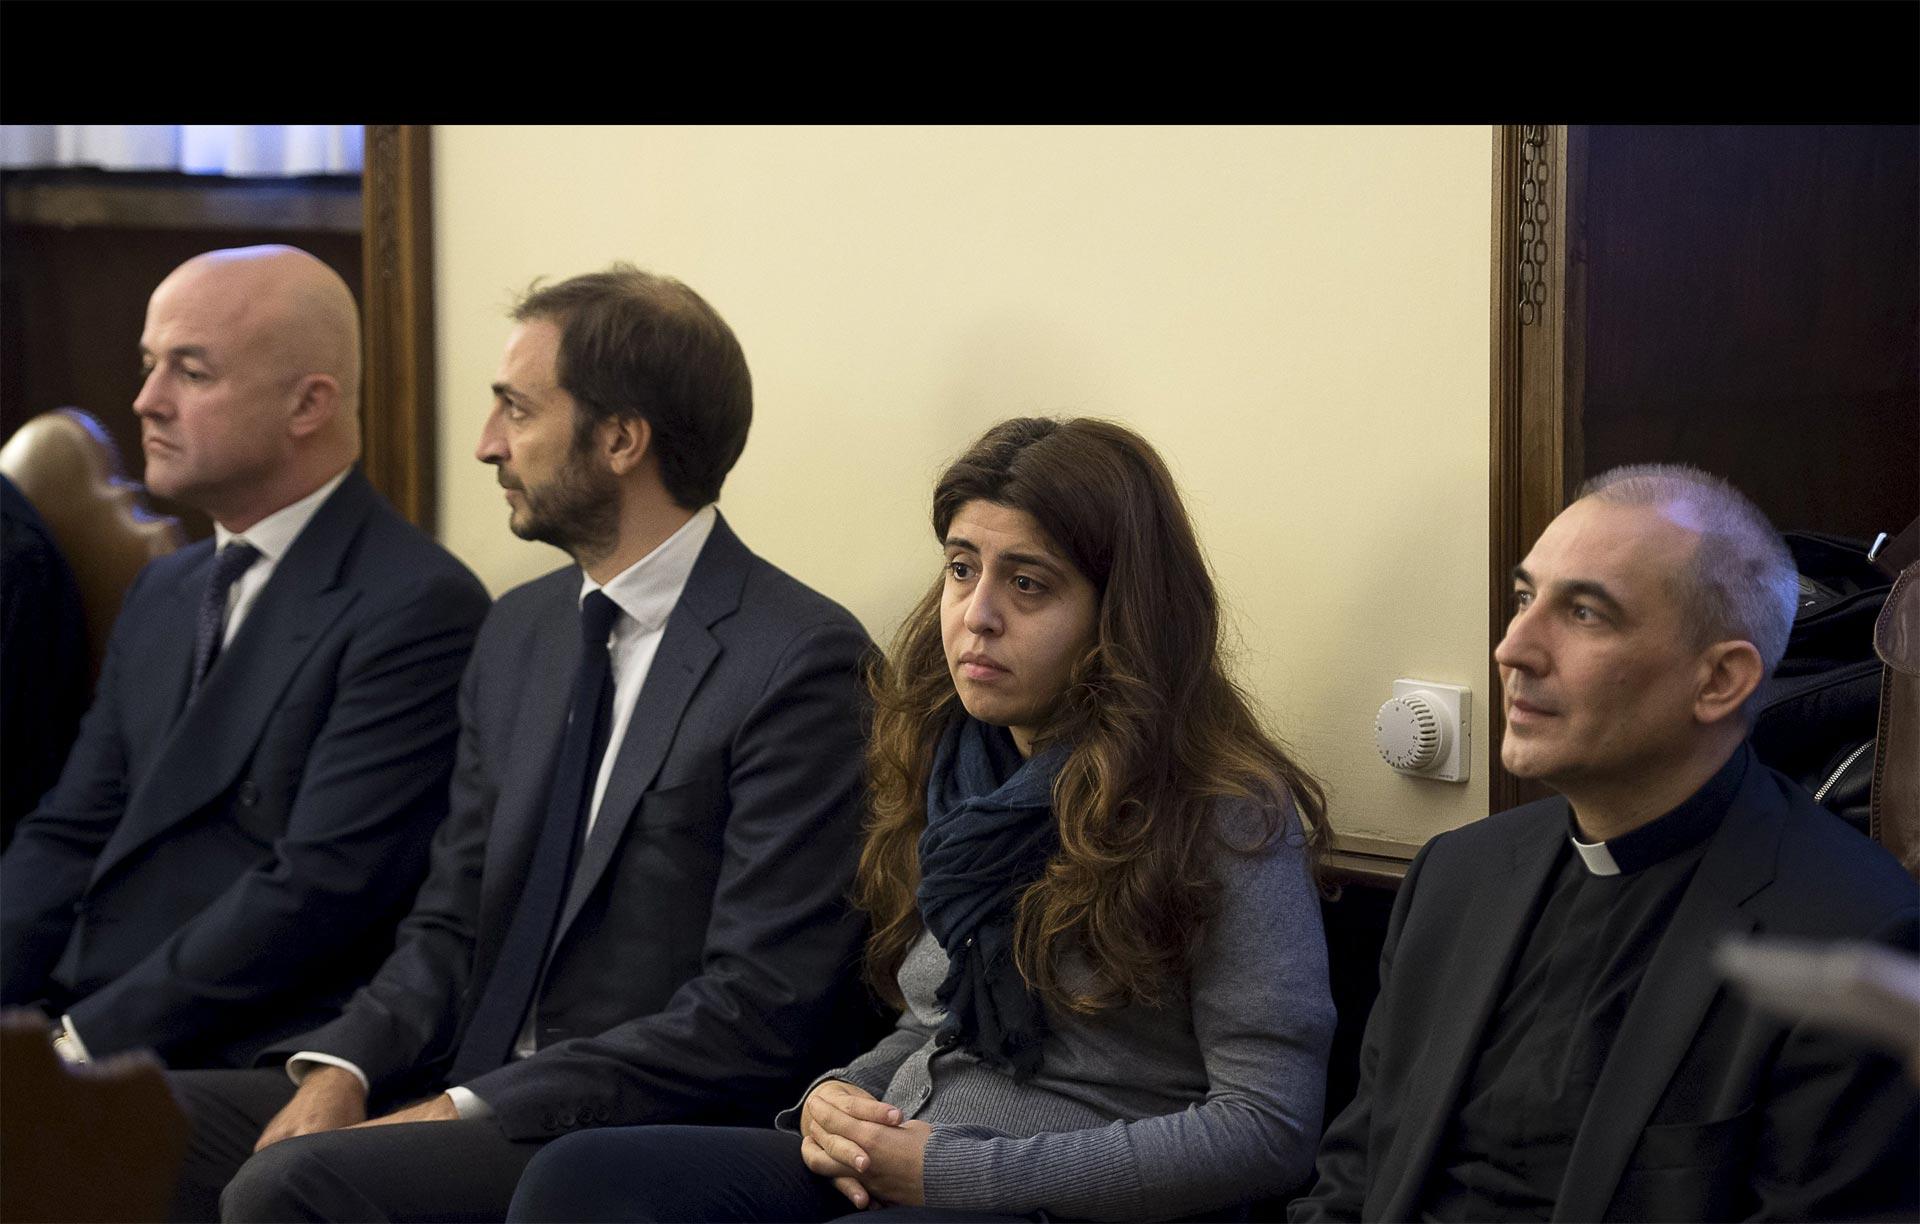 La Justicia vaticana acusa a dos periodistas, un sacerdote español y dos empleados